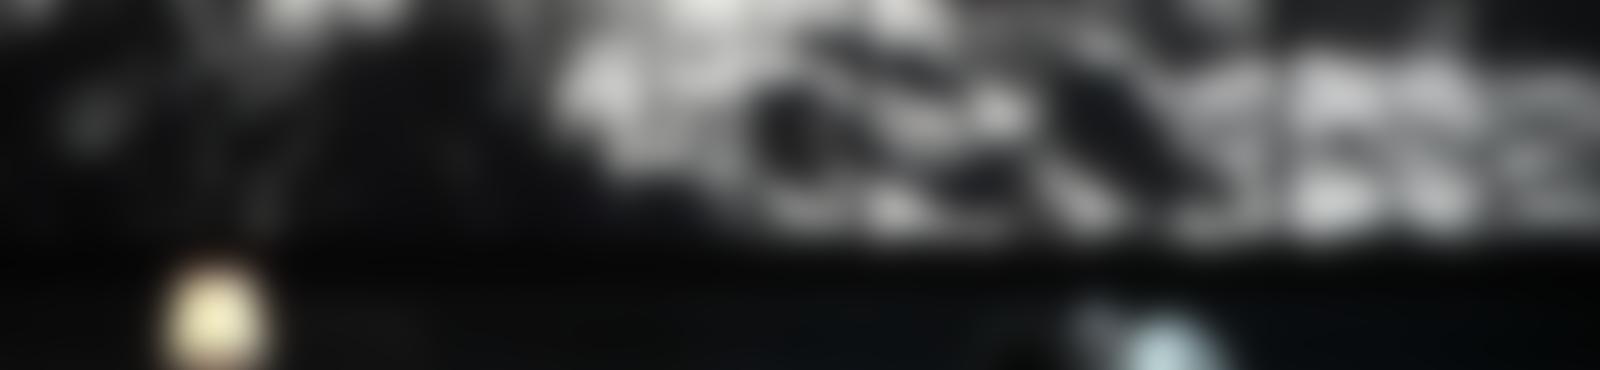 Blurred 138afb81 ec09 46d8 8a66 0e1a445f3a46